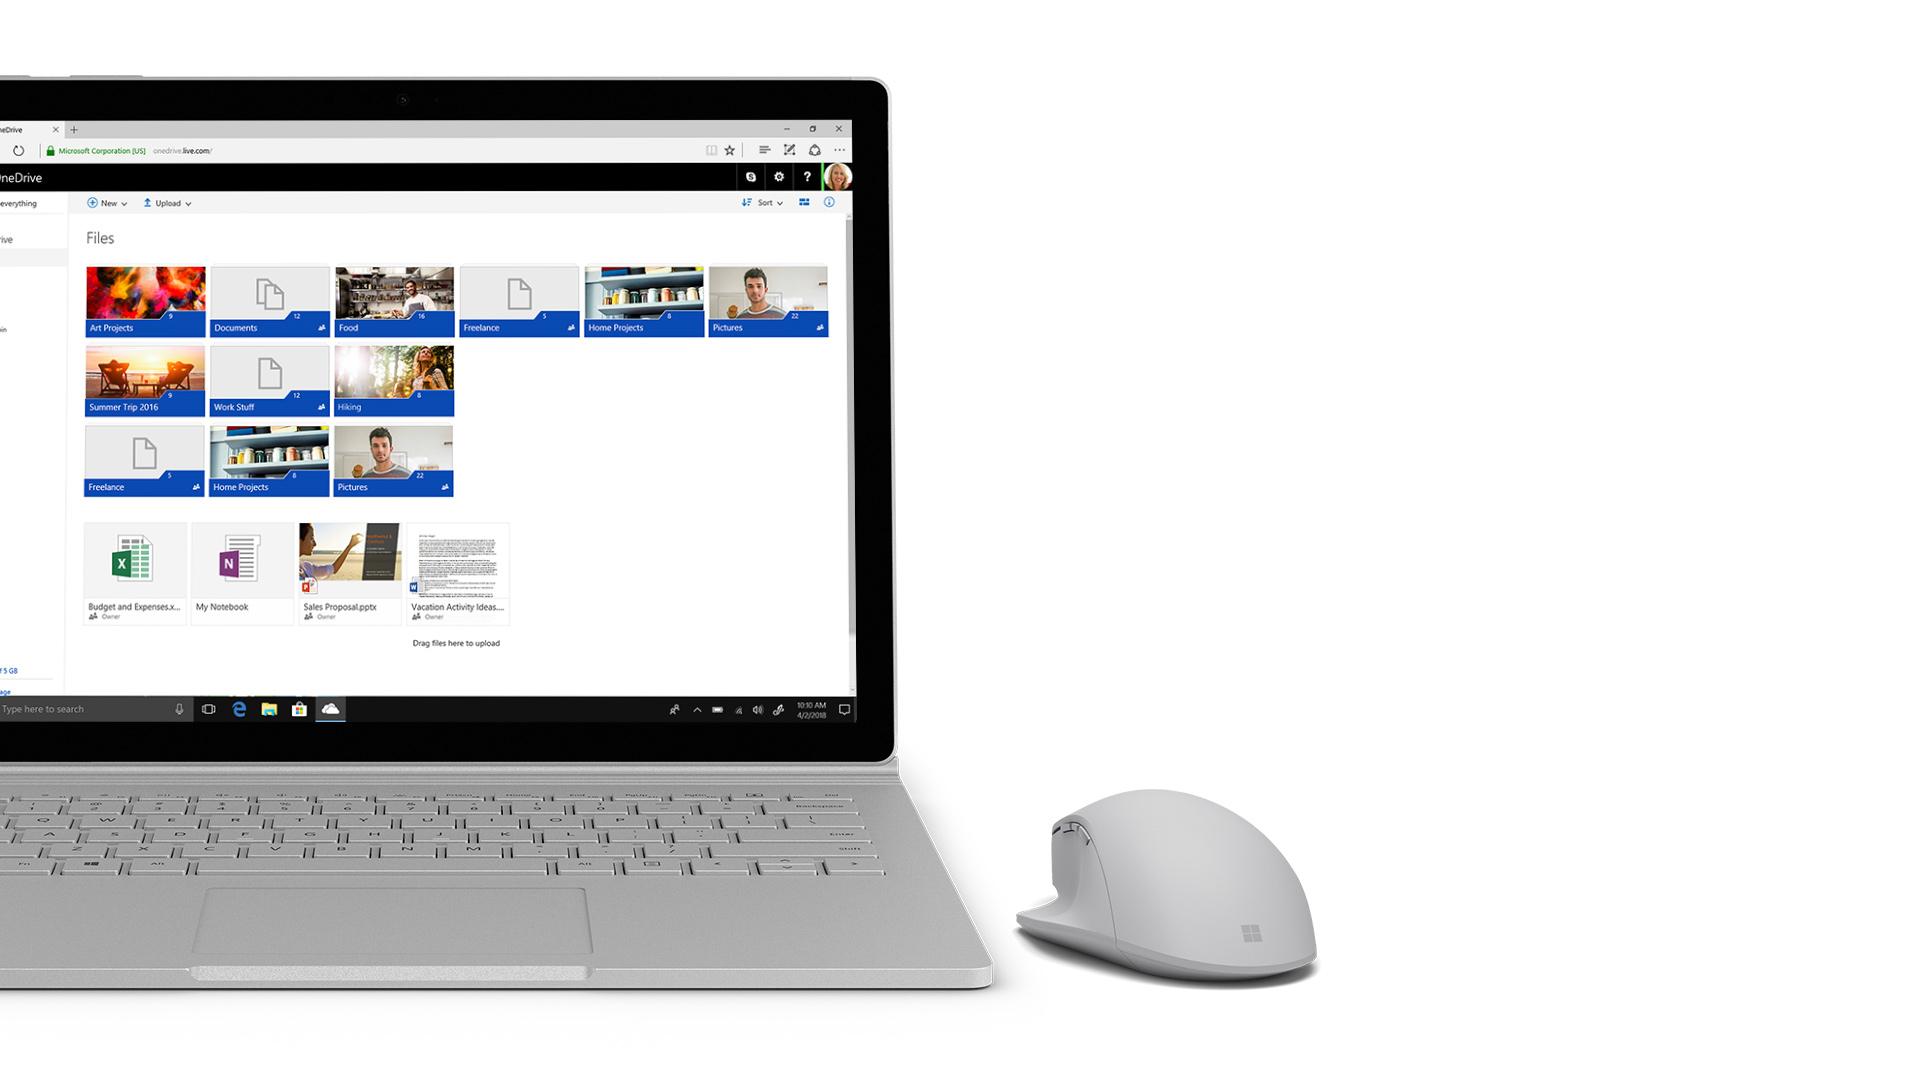 ภาพหน้าจอของ OneDrive บน Surface